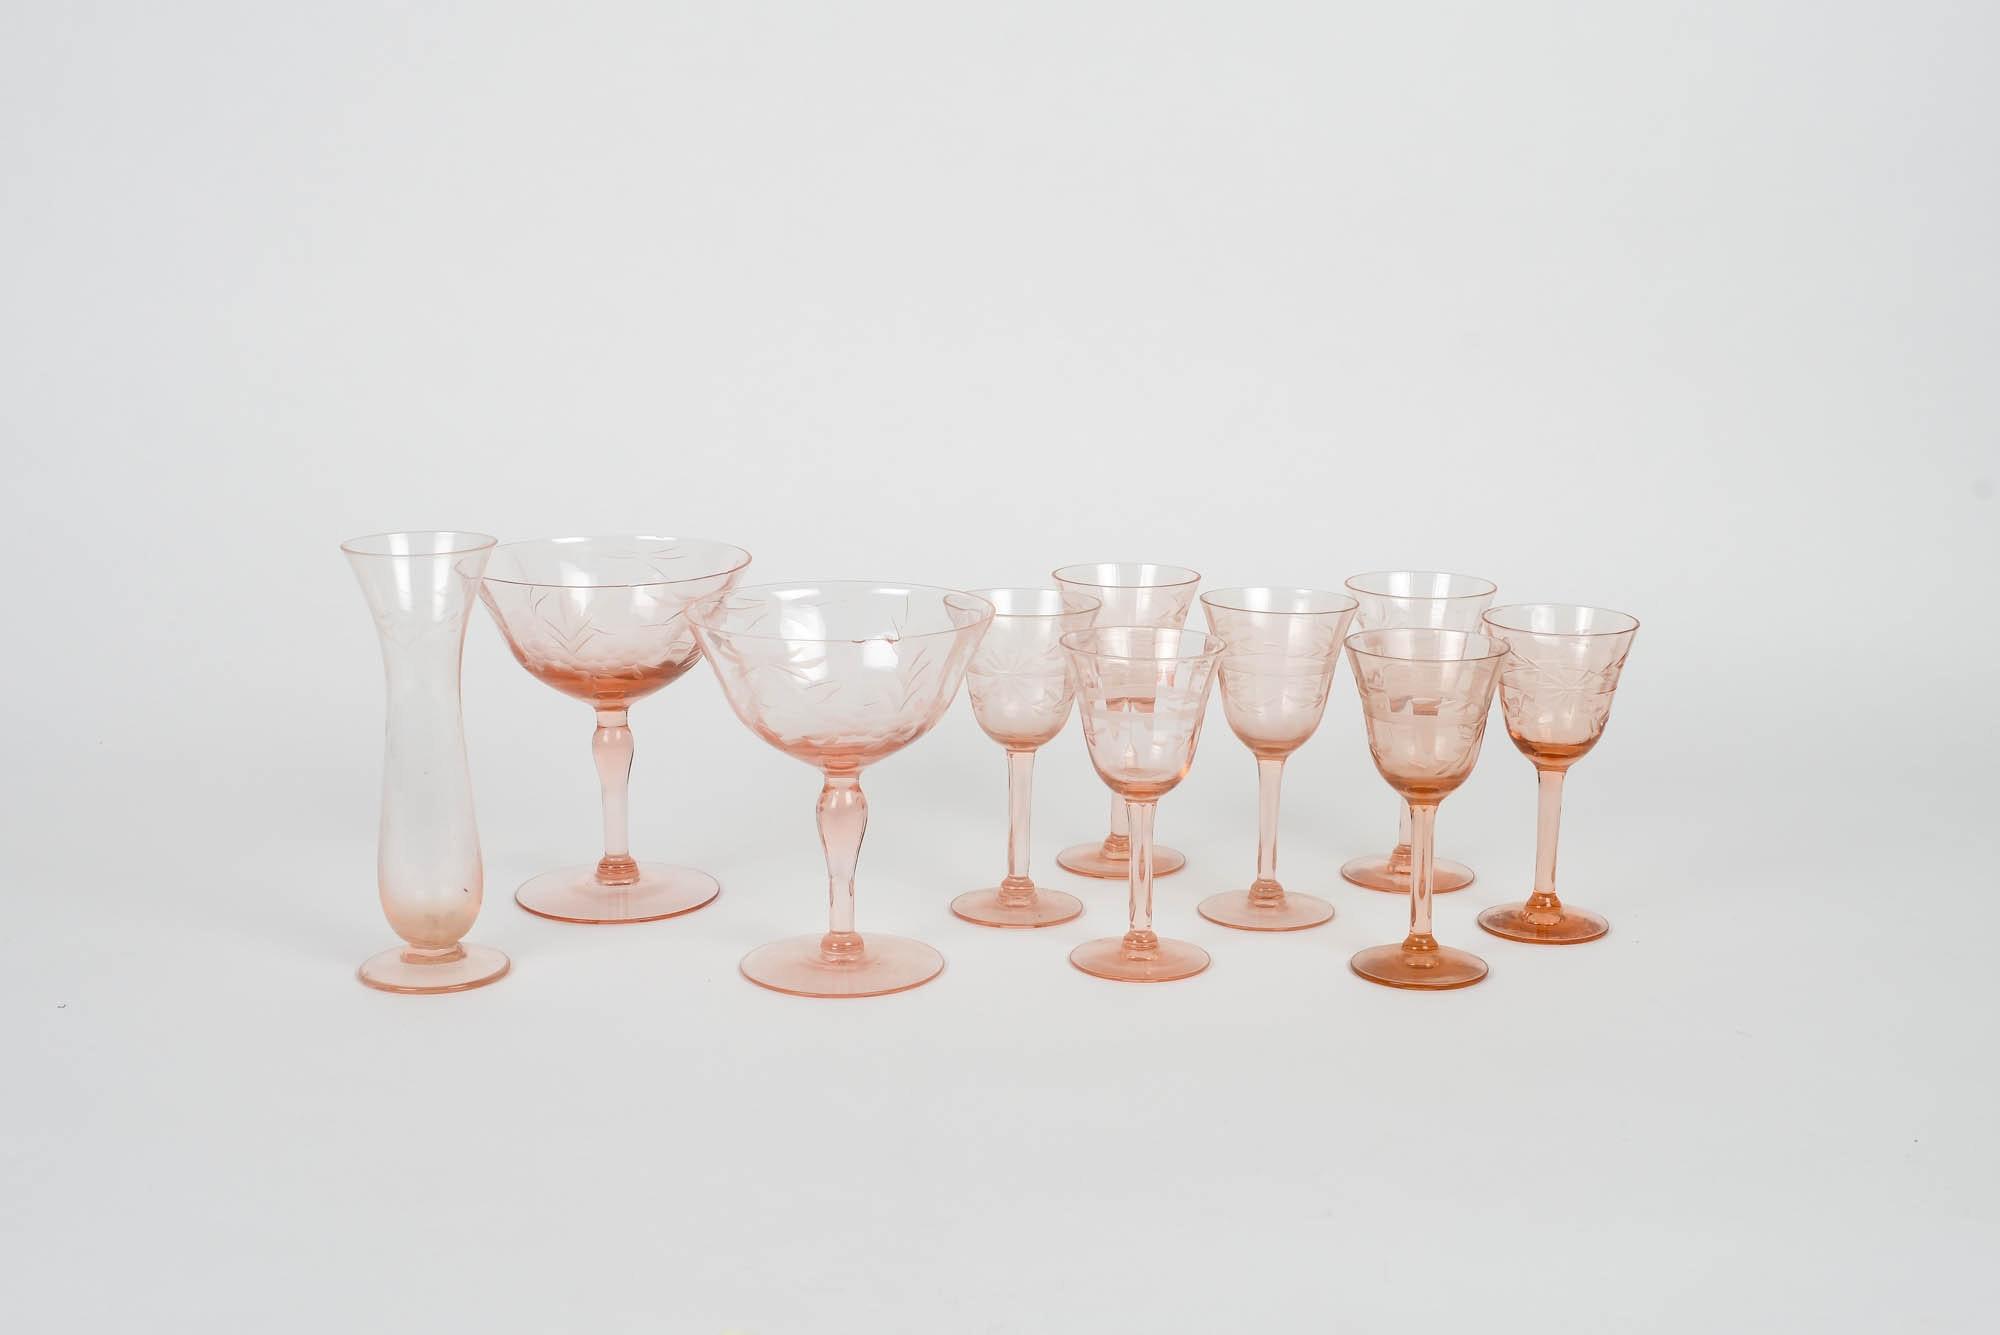 Set of Vintage Etched Cranberry Glasses